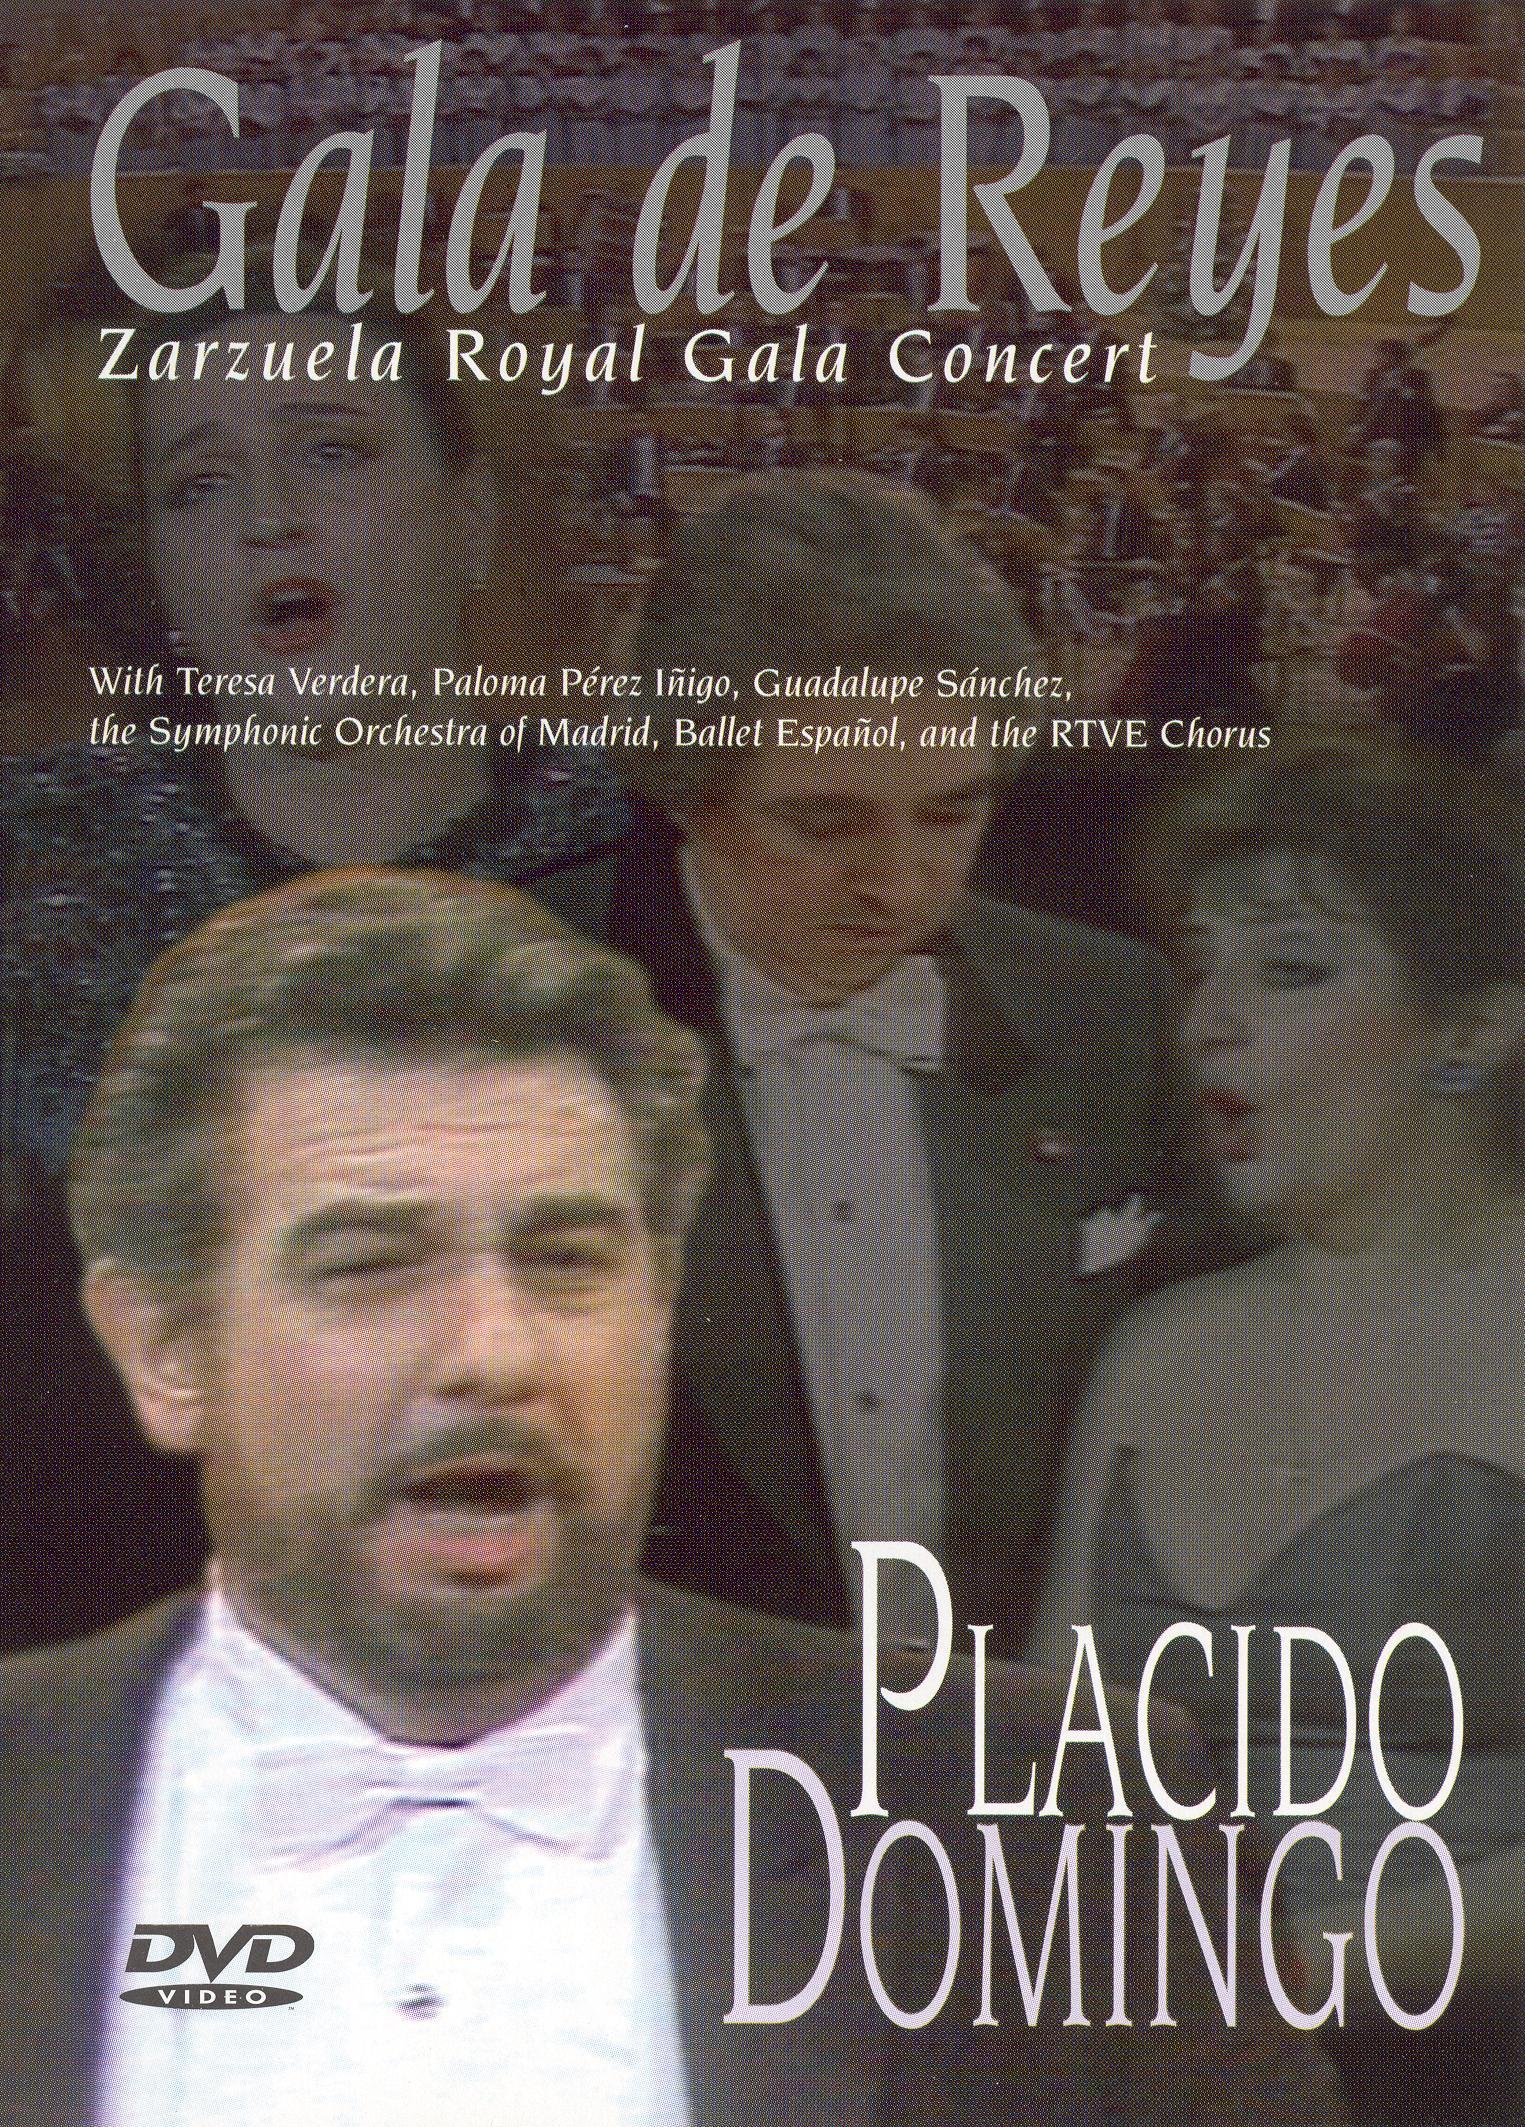 Placido Domingo: Gala De Reyes - Zarzuela Royal Gala Concert